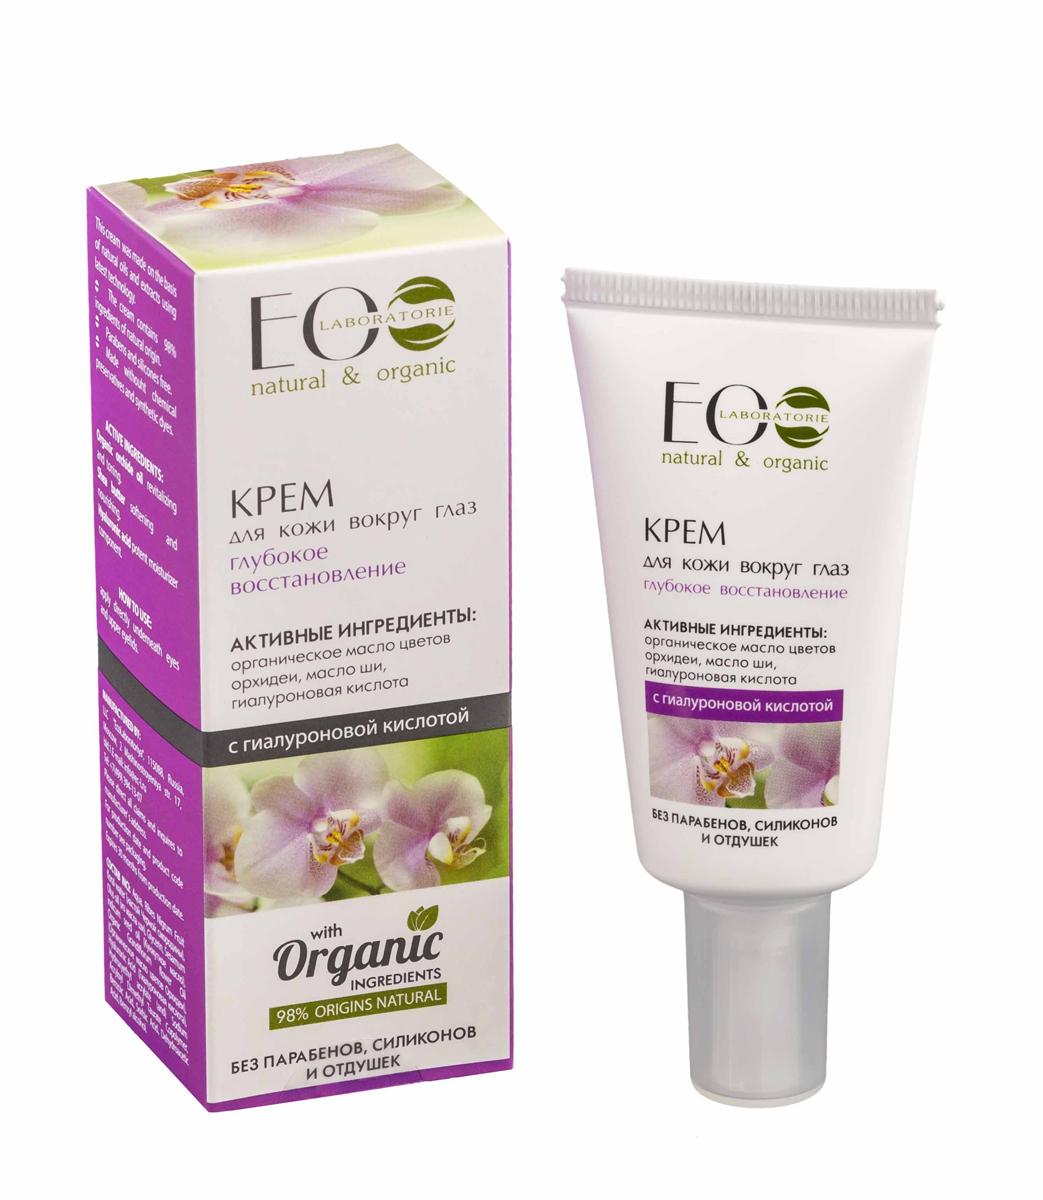 EO laboratorie Крем для кожи вокруг глаз Глубокое восстановление 30 мл4627089431608Крем бережно ухаживает за нежной кожей вокруг глаз. Восстанавливает, питает, разглаживает мимические морщины, оказывает тонизирующее действие.Активные ингредиенты: органическое масло цветов орхидеи, масло ши, гиалуроновая кислота.